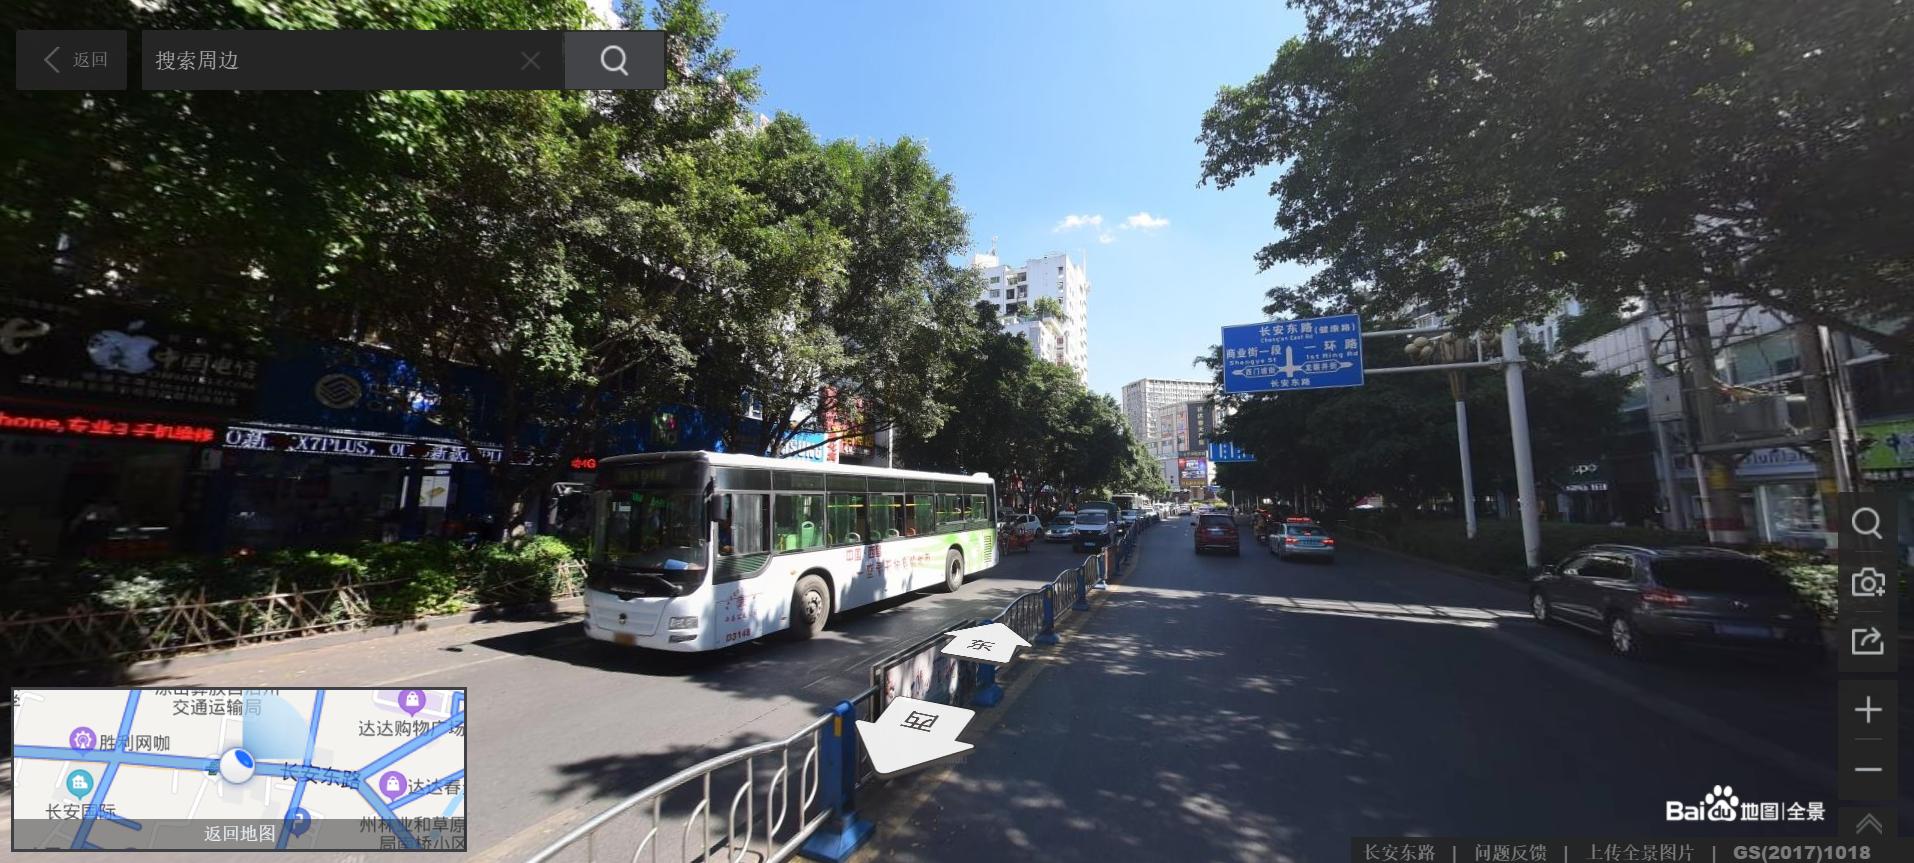 Na Baidu Maps można obejrzeć ulicę, gdzie nakręcono wideo